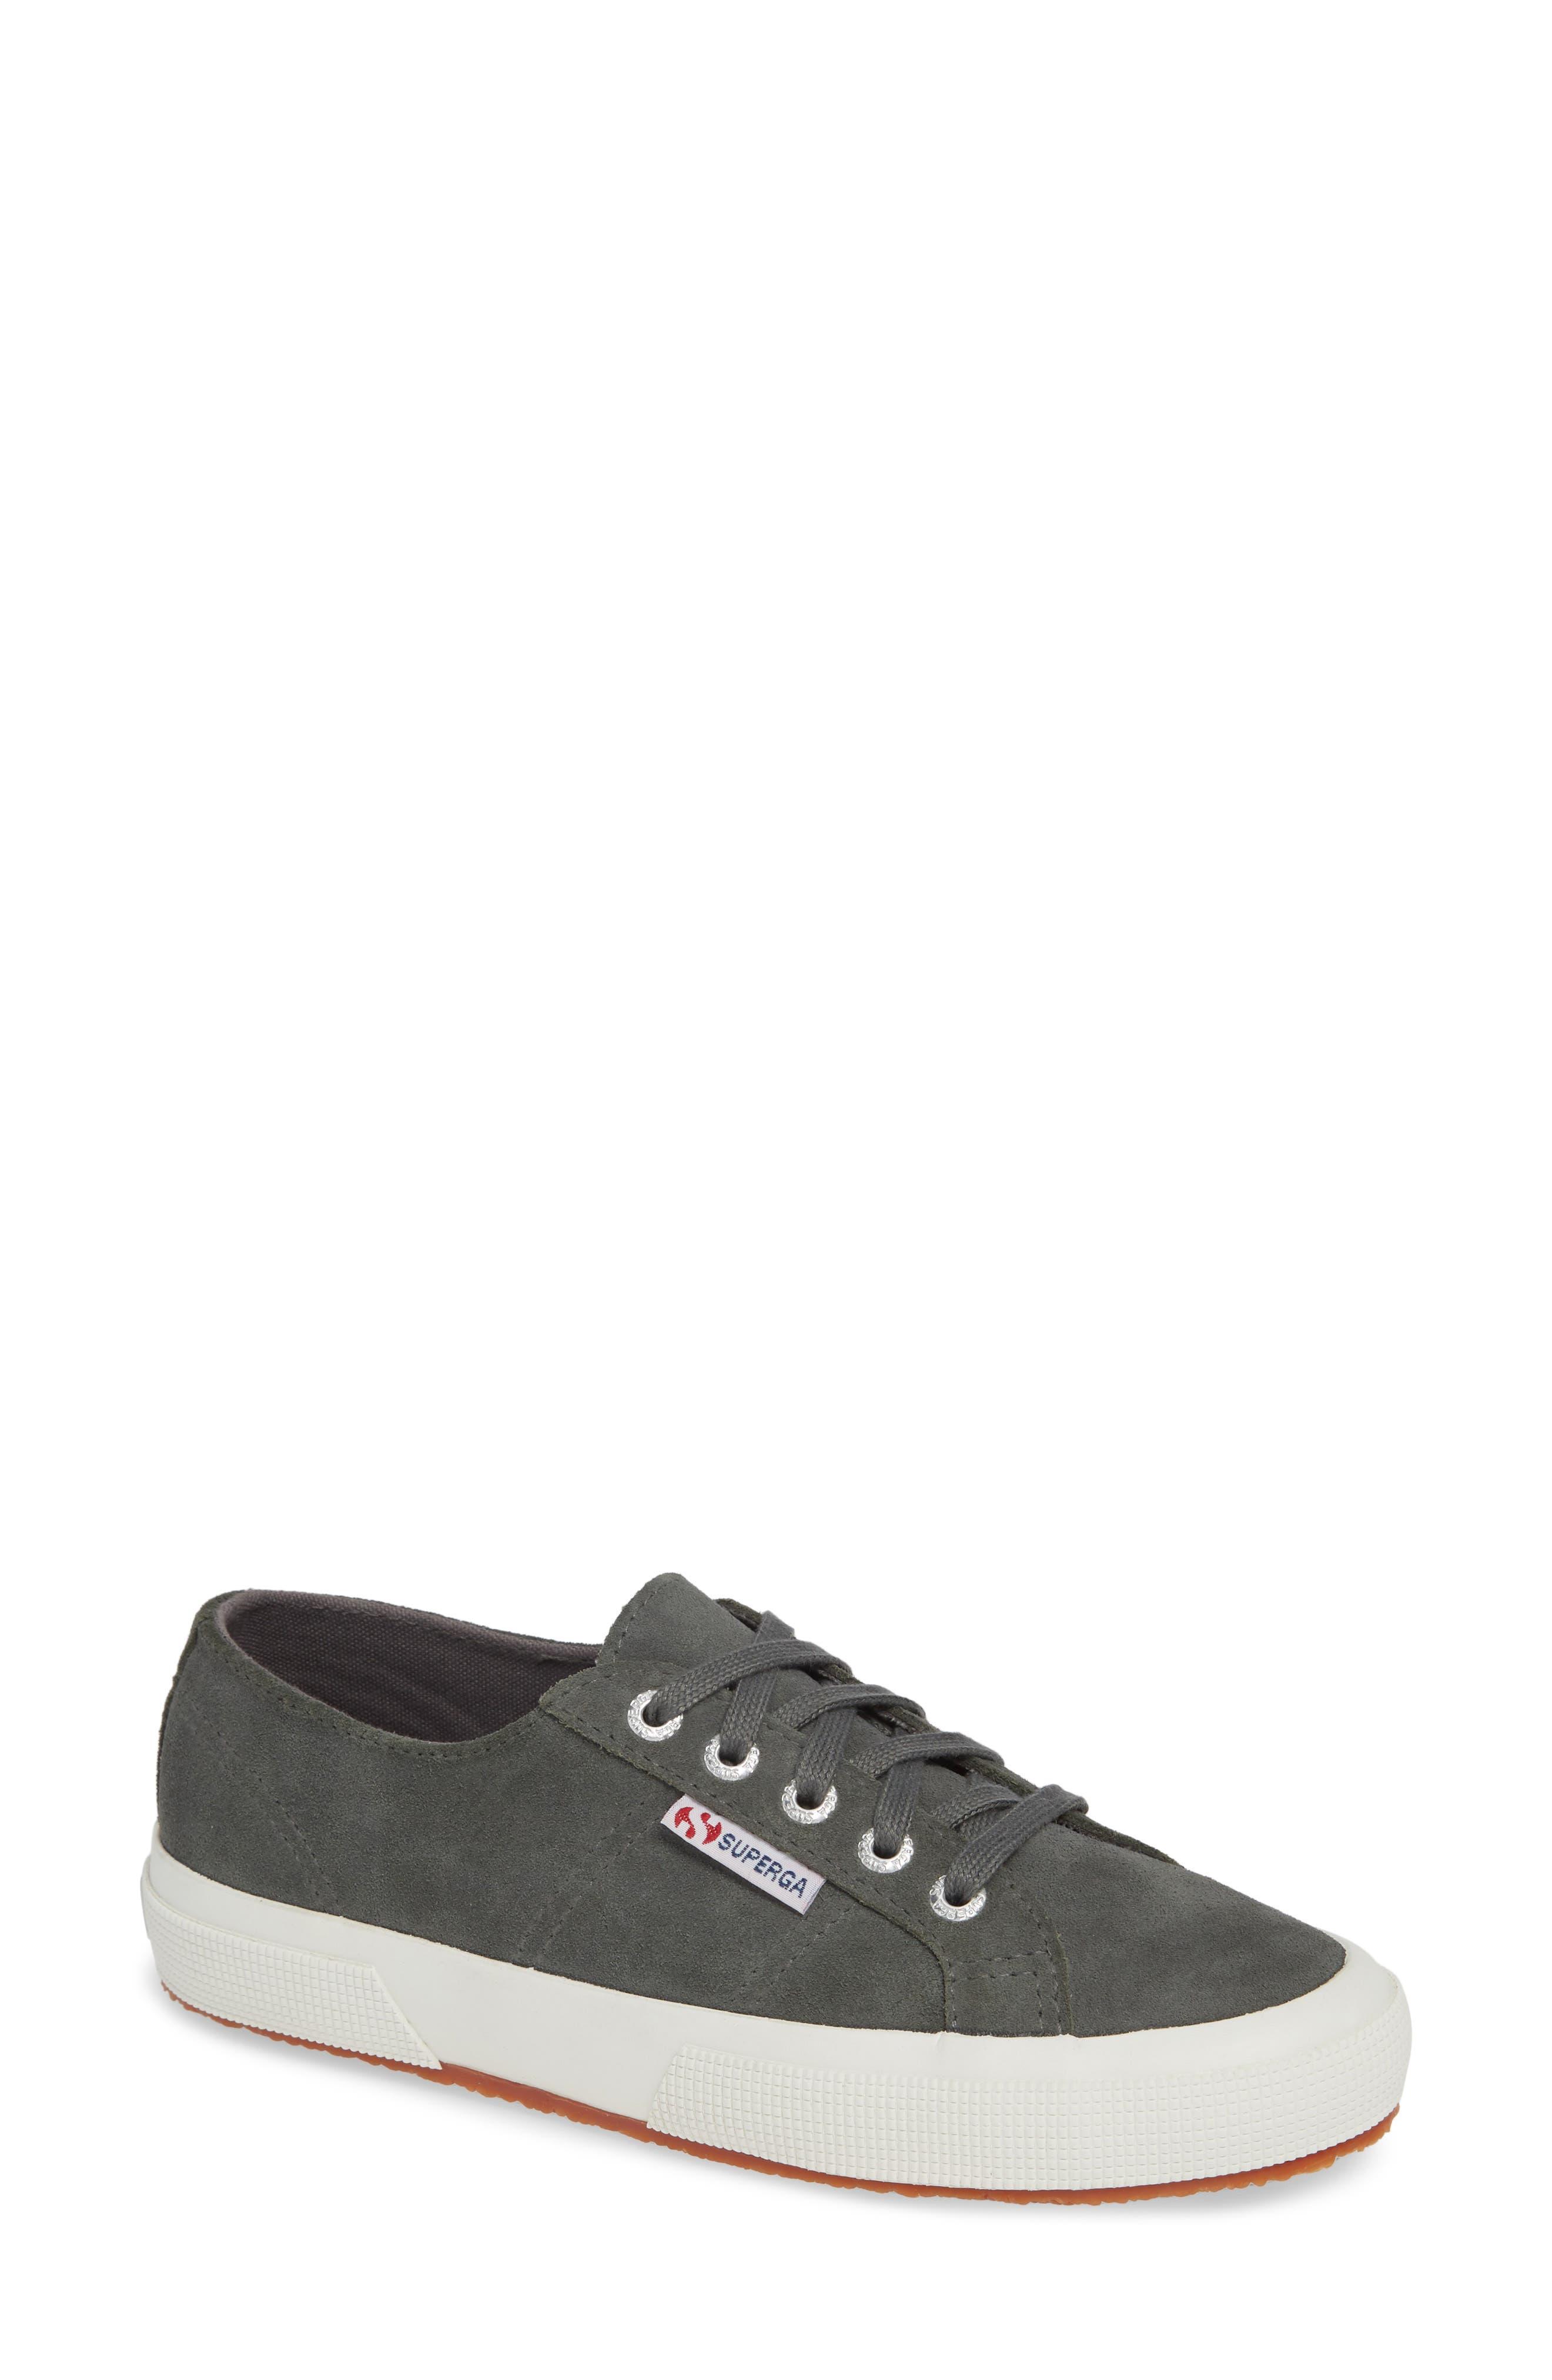 2750 Suecotw Low Top Sneaker,                         Main,                         color, DARK GREY SUEDE